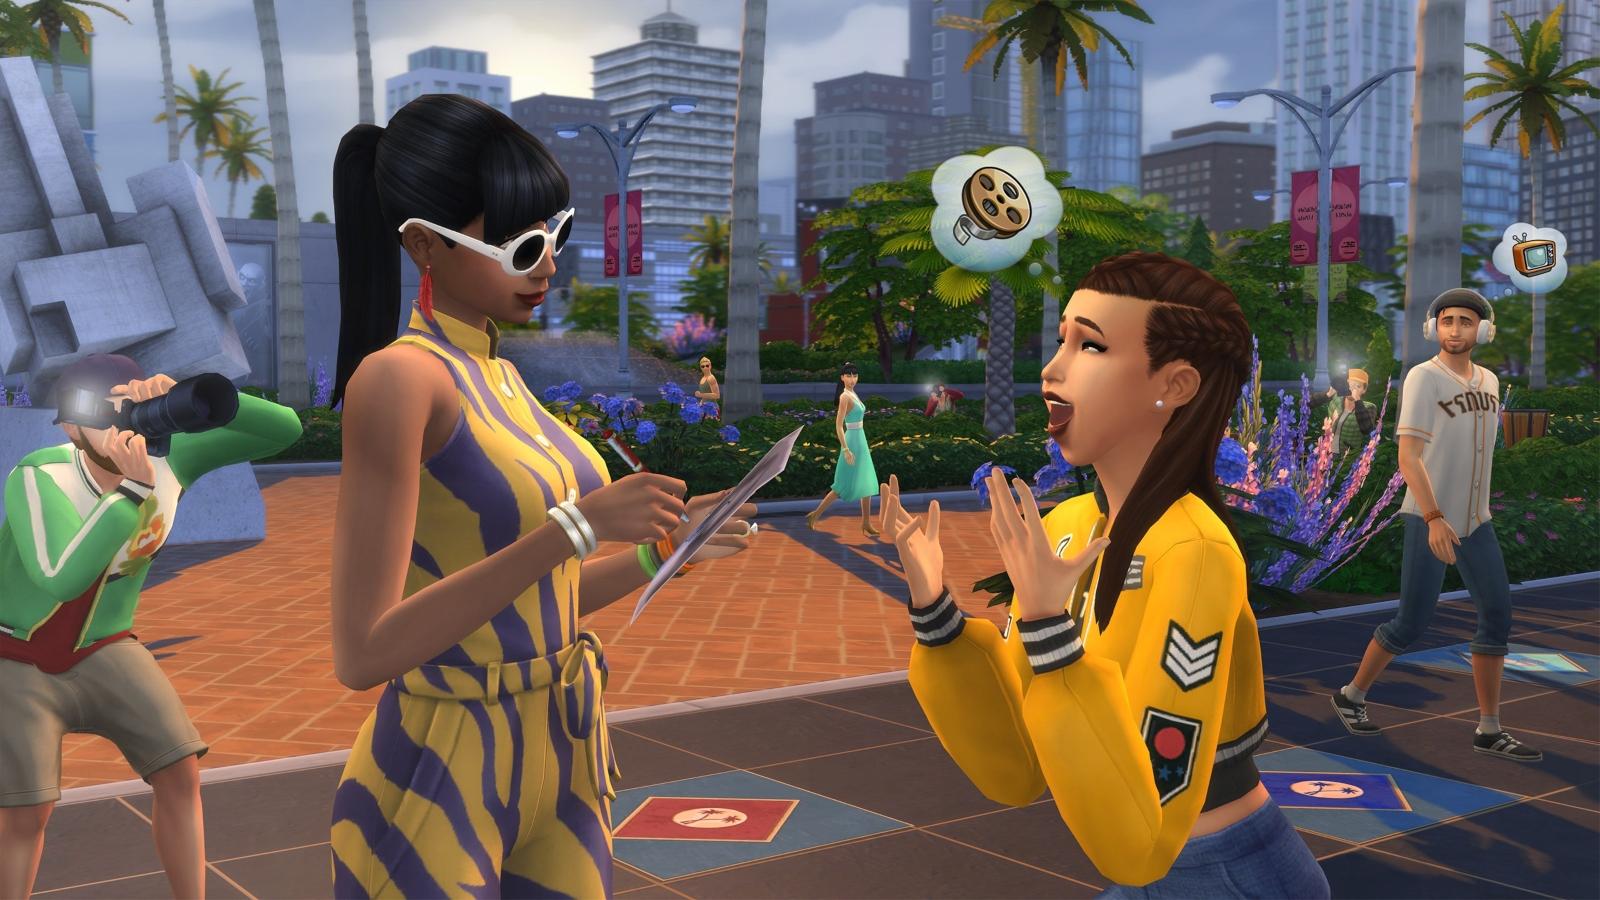 """¿Tienes rasgos psicopáticos? Tu manera de jugar """"The Sims"""" podría revelarlo, según un estudio"""